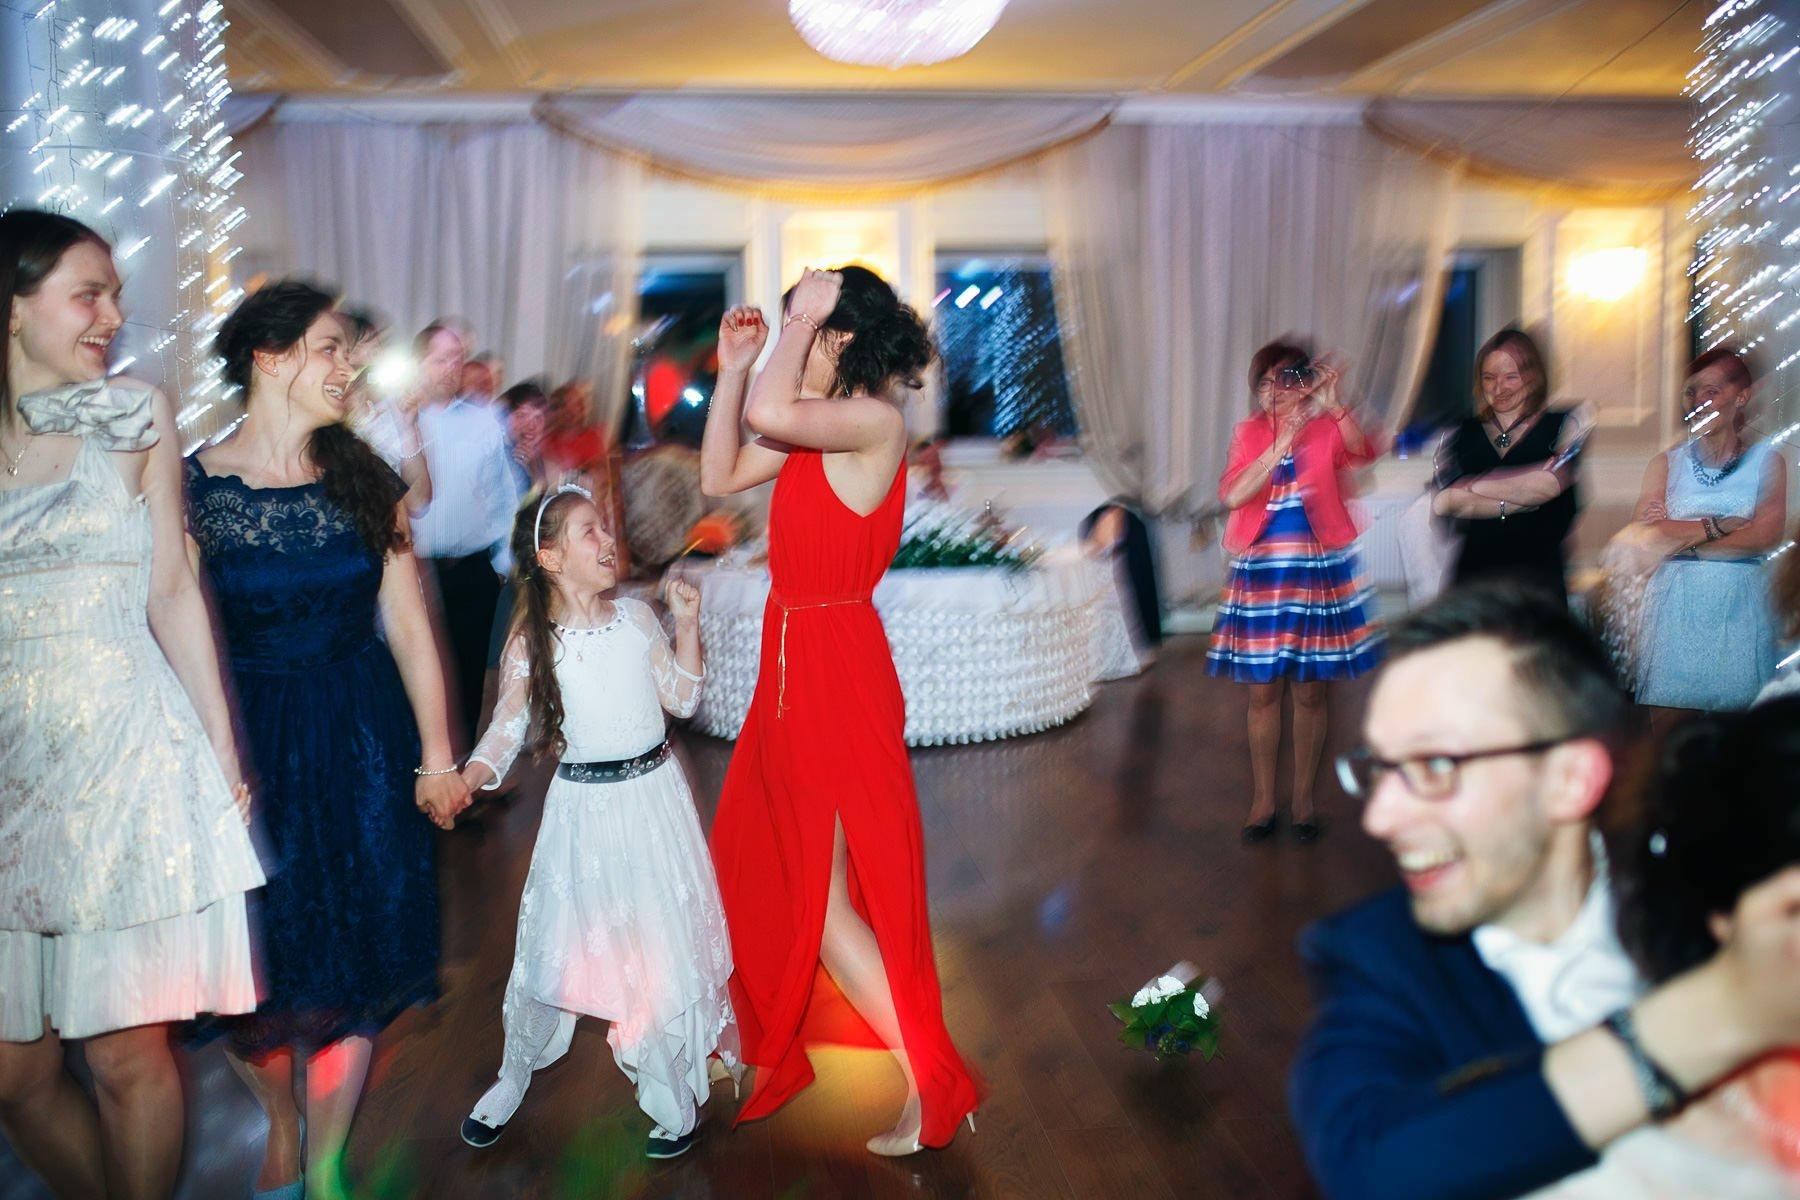 fotograf slub bielsko biala ania maciej 152 - Ślub w Bielsku-Białej - ANIA & MACIEJ